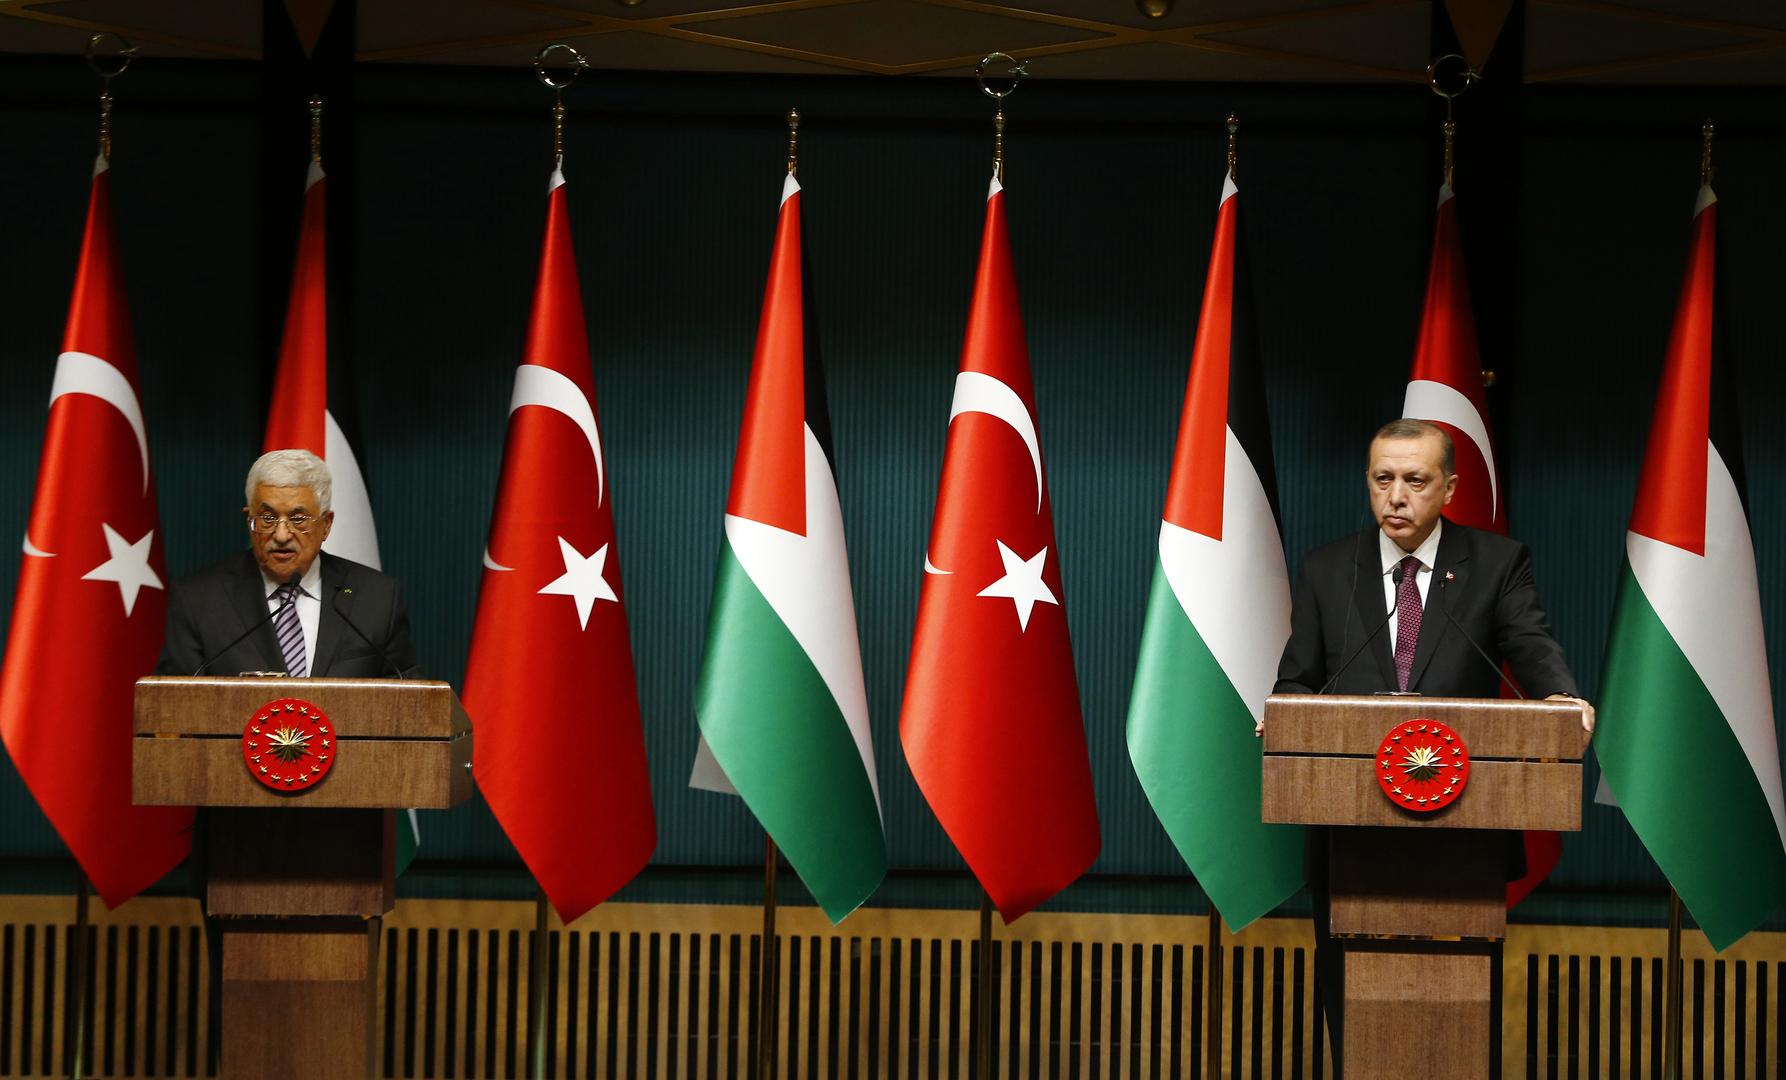 الرئيس التركي، رجب طيب أردوغان، والرئيس الفلسطيني، محمود عباس.